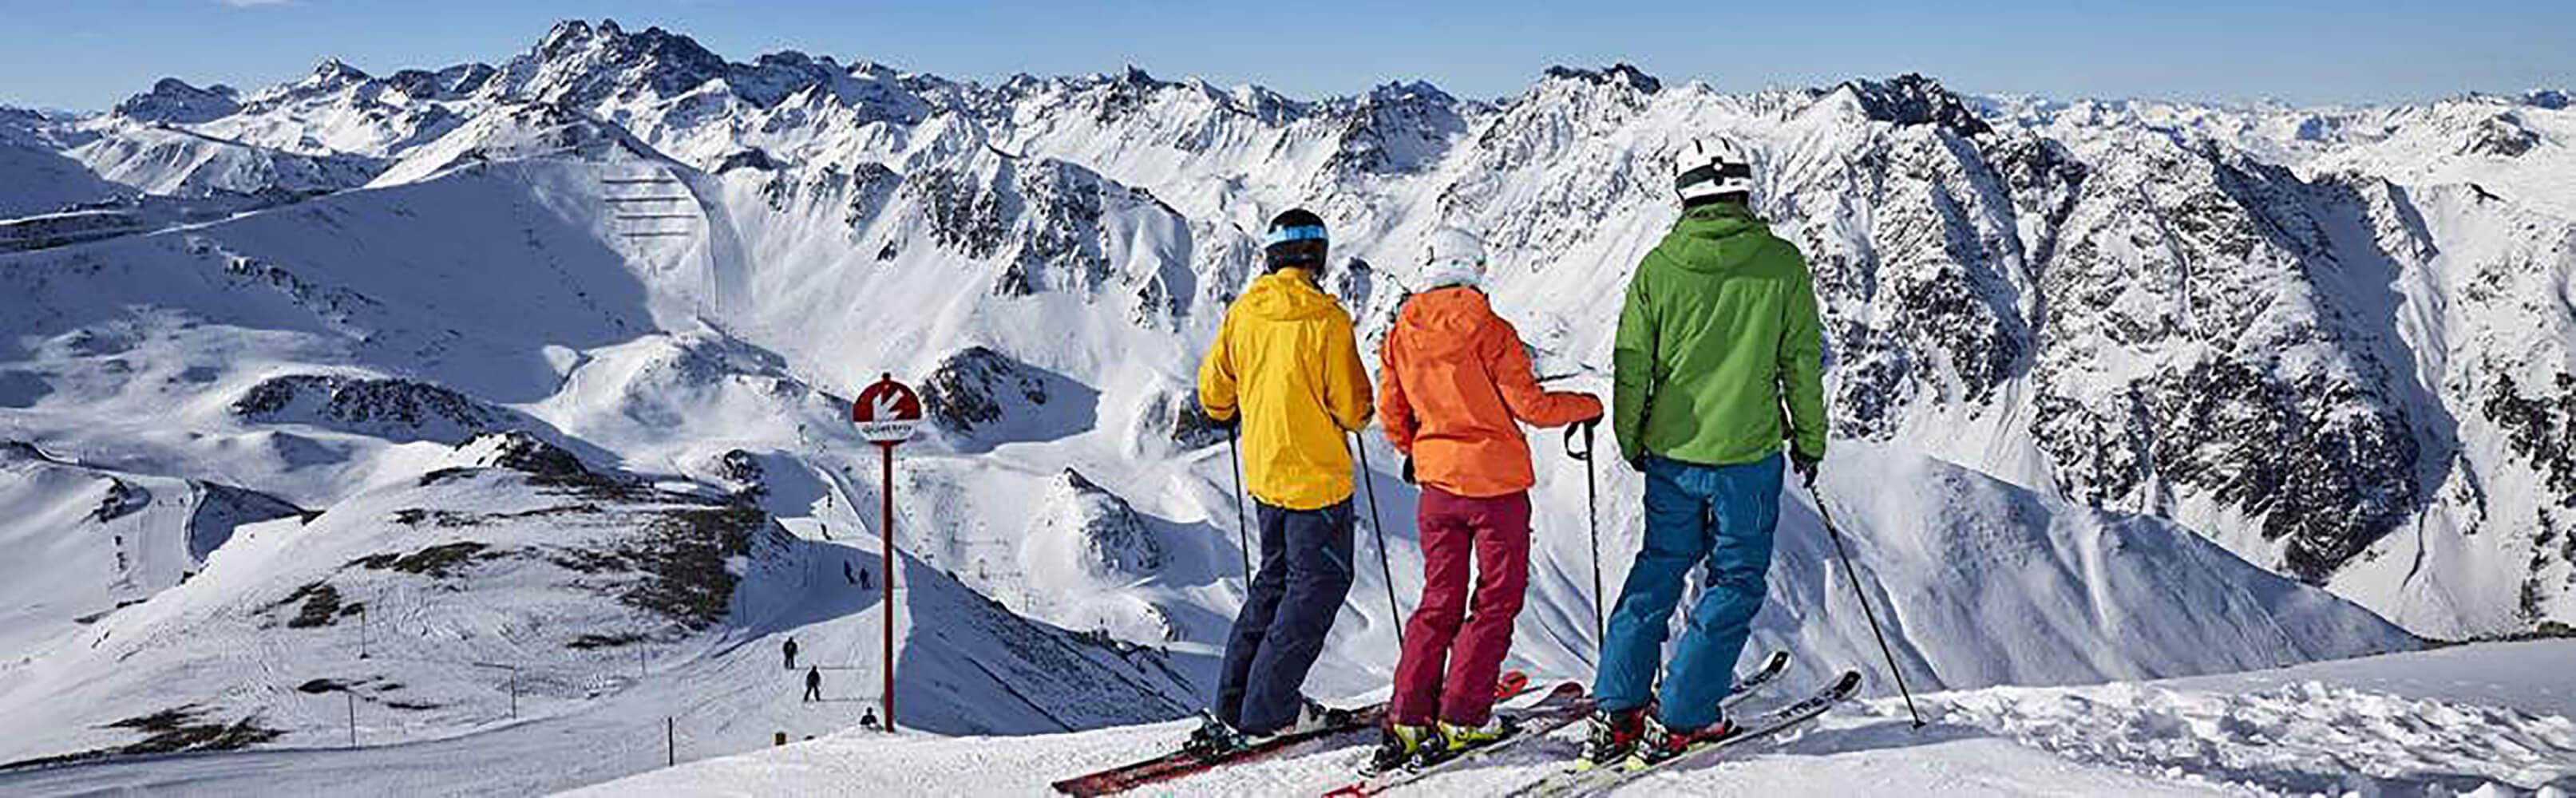 Ischgl - die Lifestyle-Metropole der Alpen 1